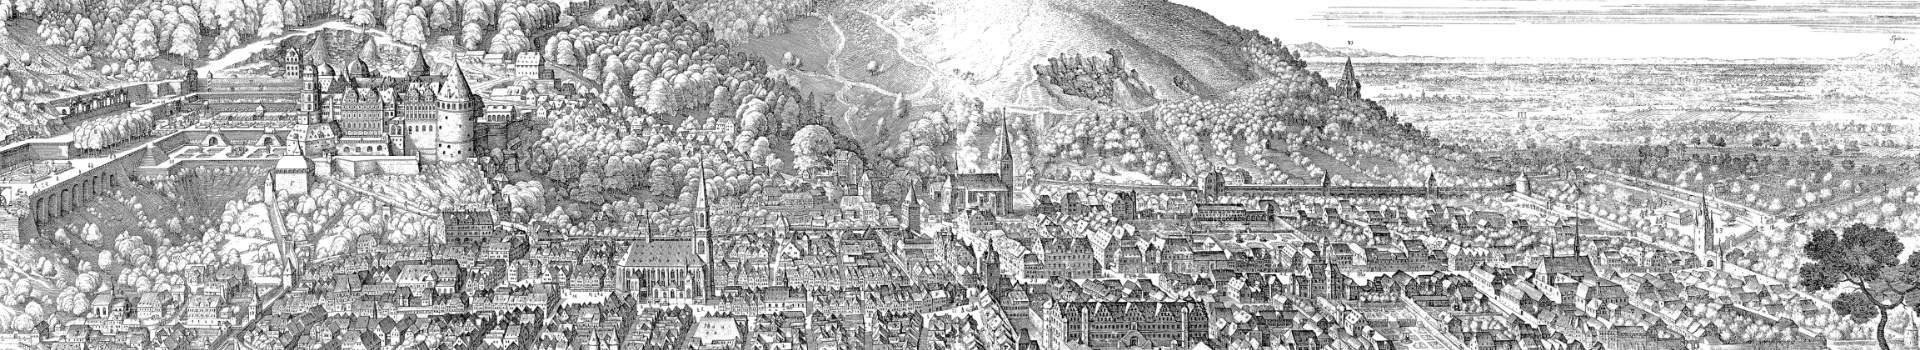 Kurzer Blick auf die Geschichte Heidelbergs